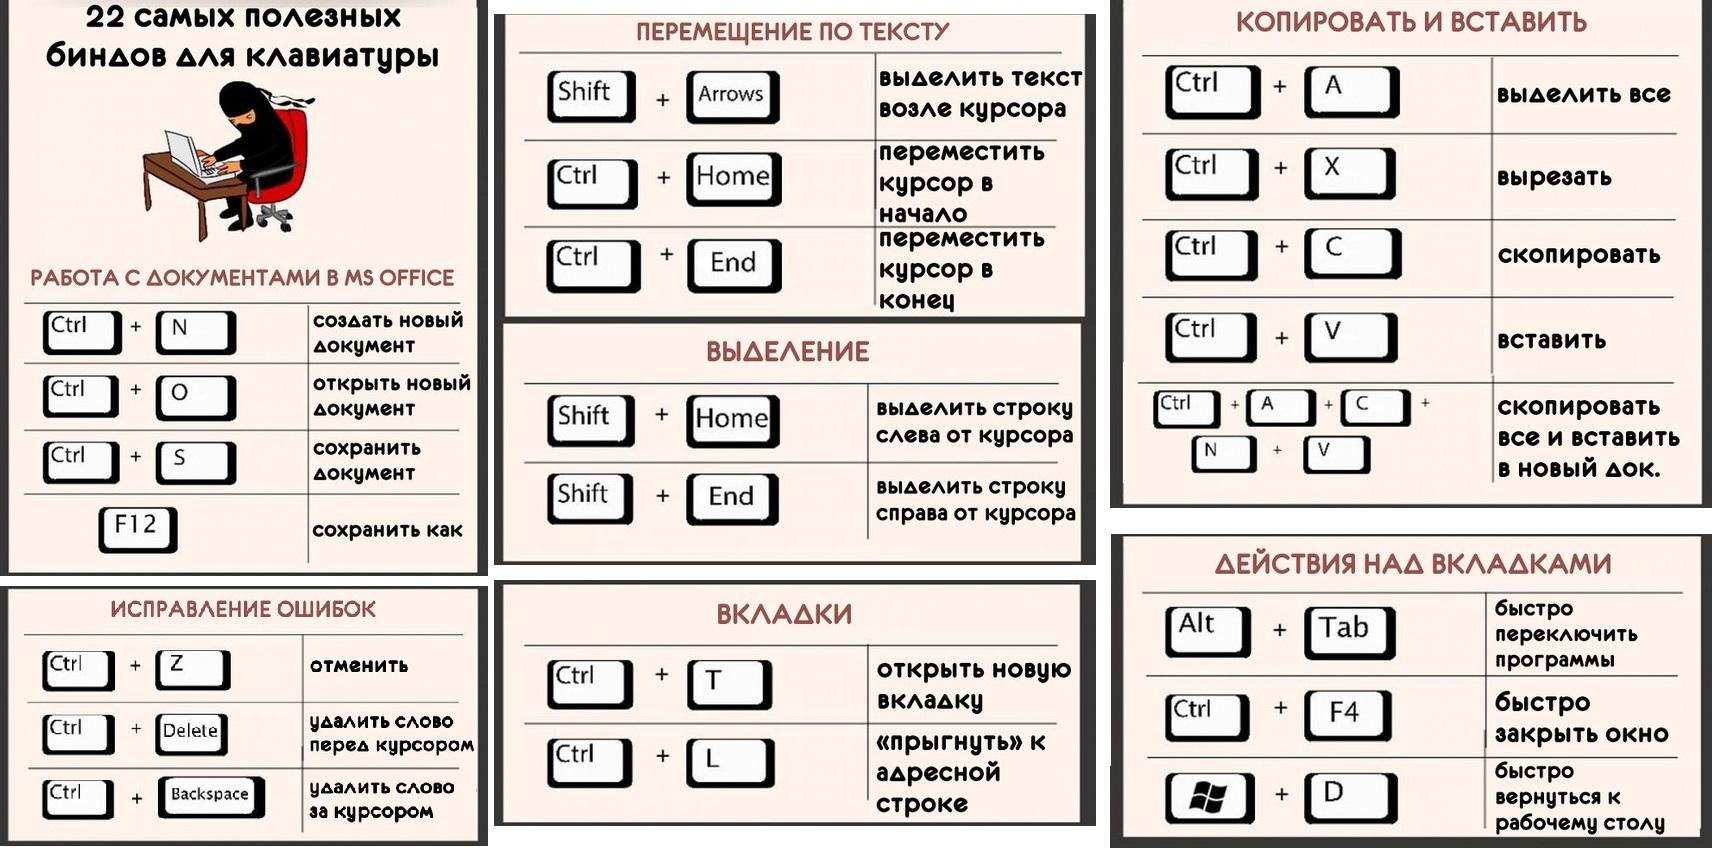 Как сделать горячие клавиши на клавиатуре на ноутбуке